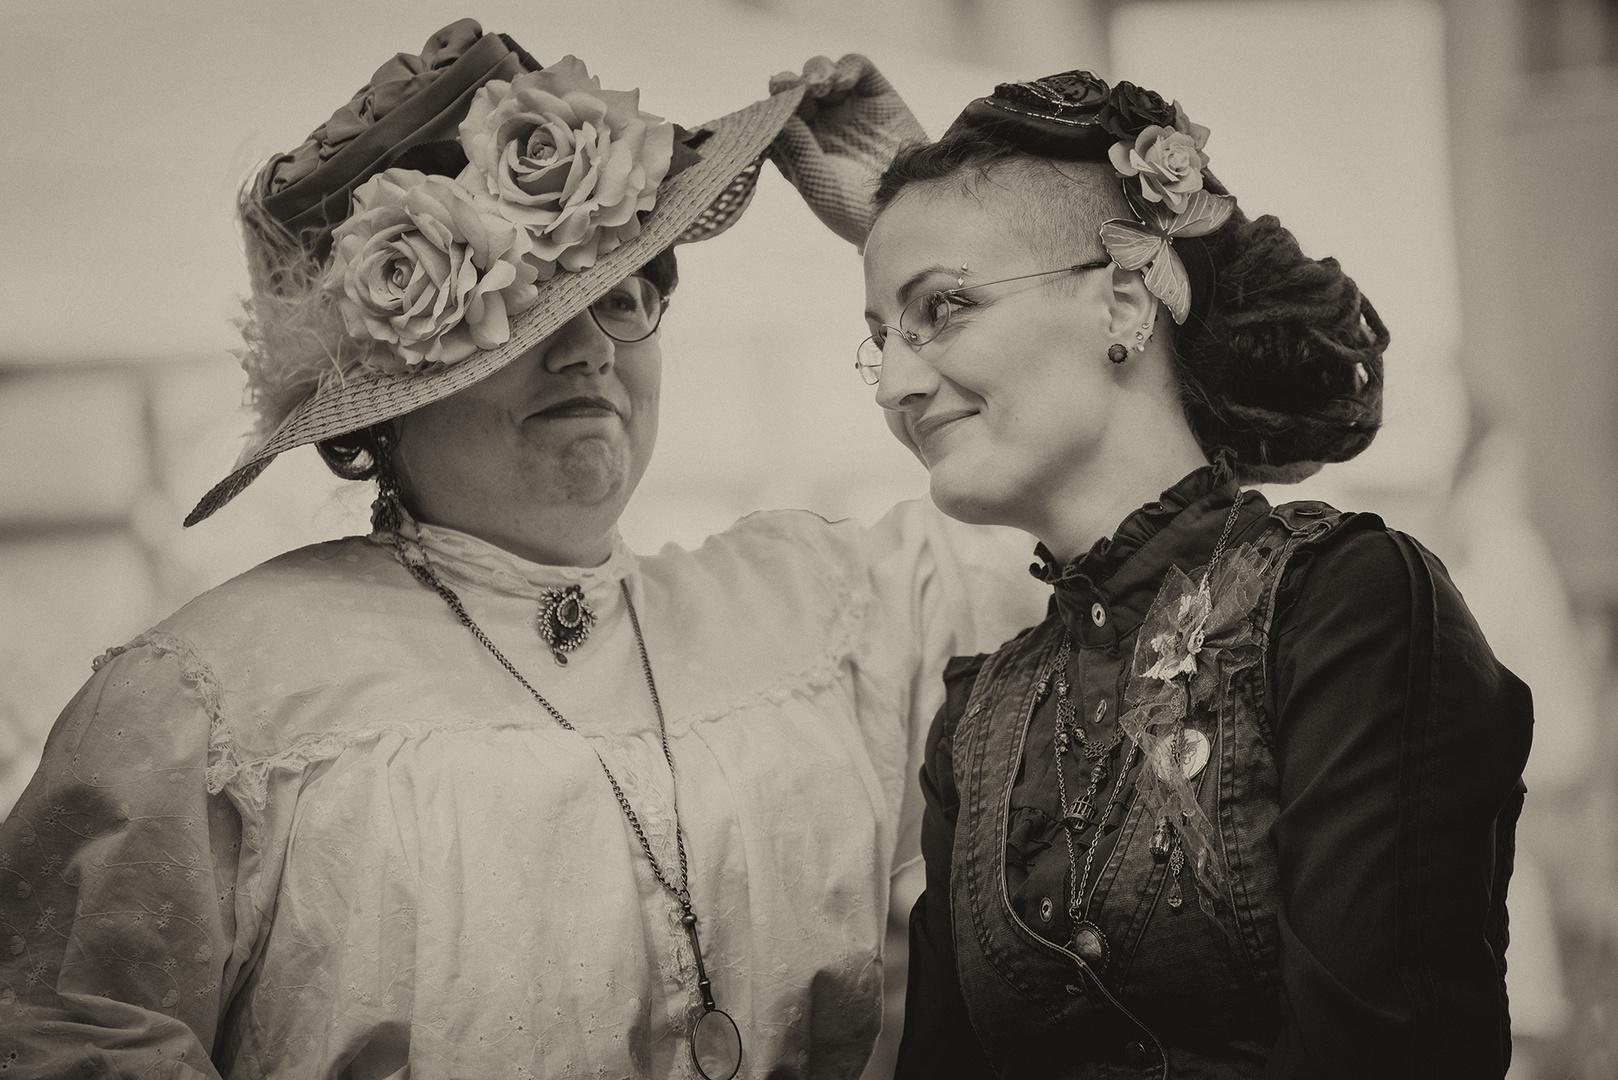 Gnä' Frau, der Hut ist hinreißend